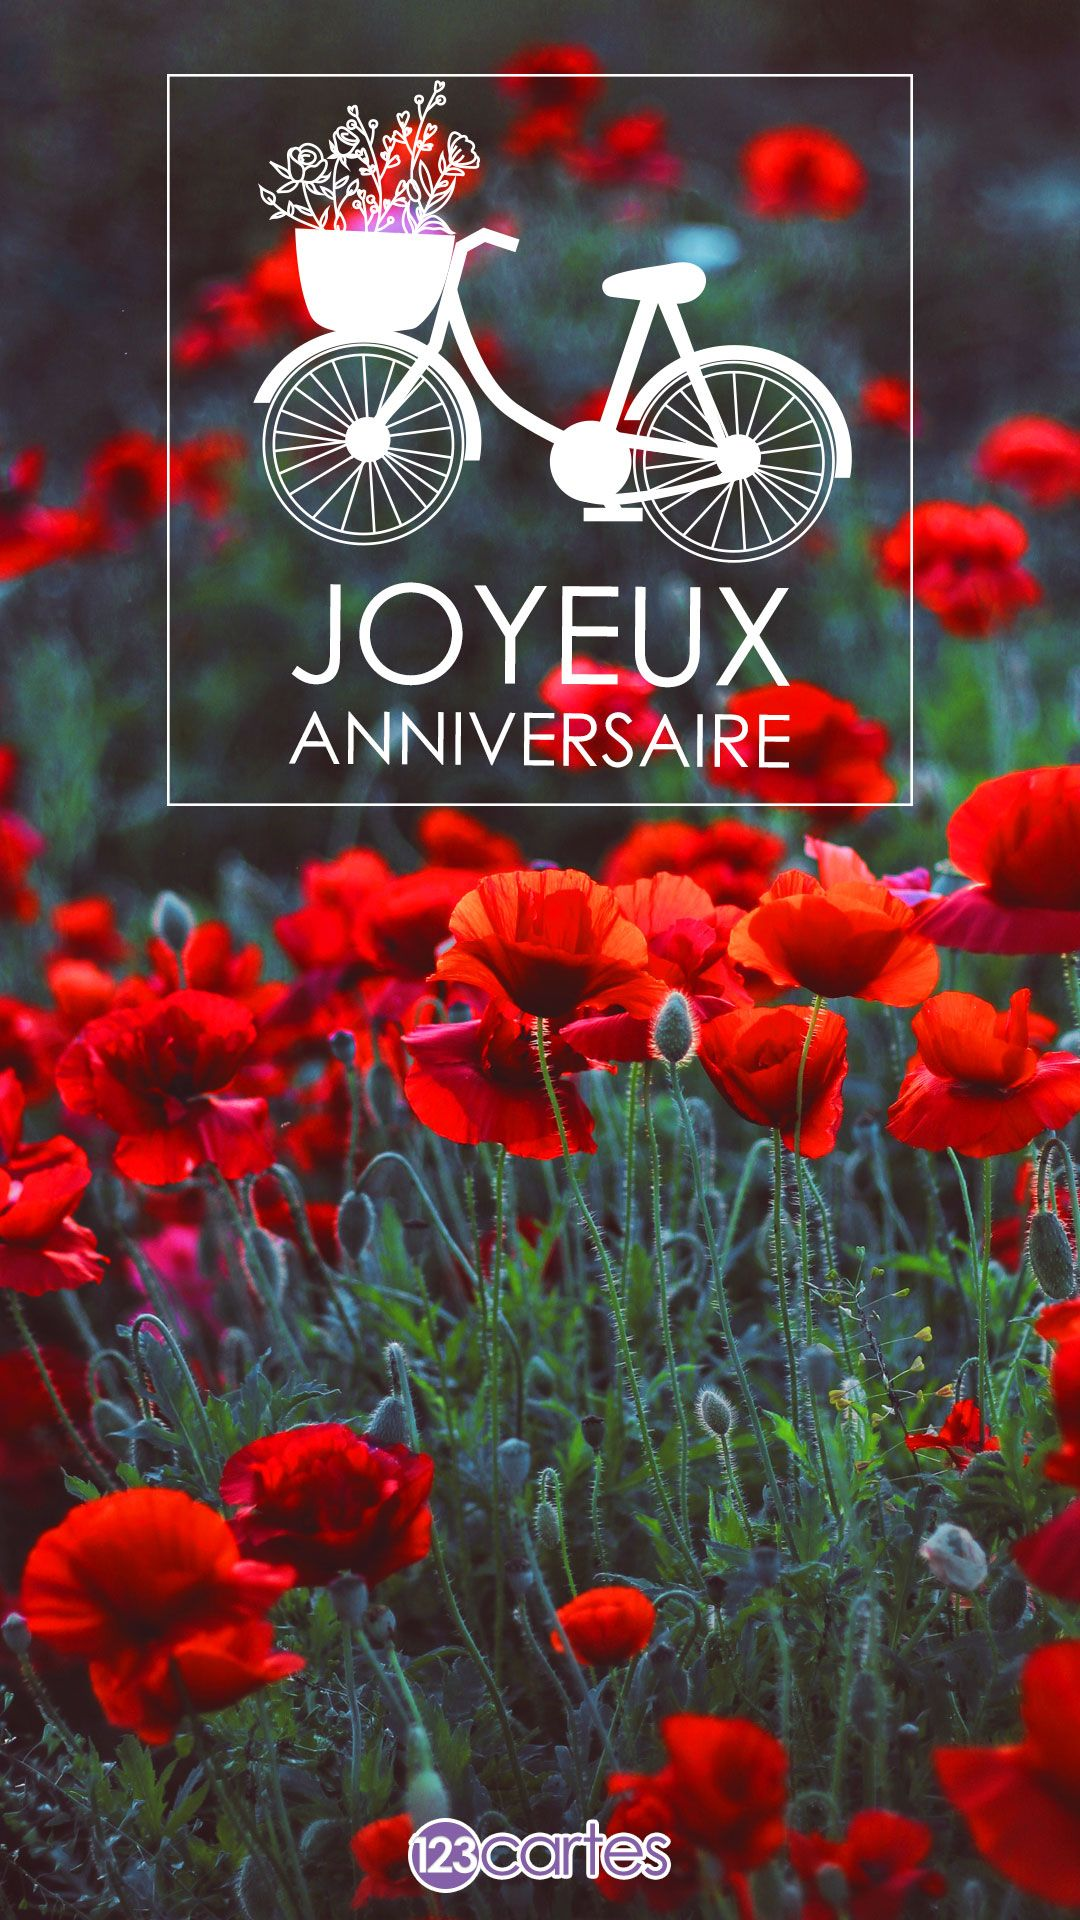 Pré avec des fleurs rouges et le texte joyeux anniversaire avec un ornement en forme de bicyclette